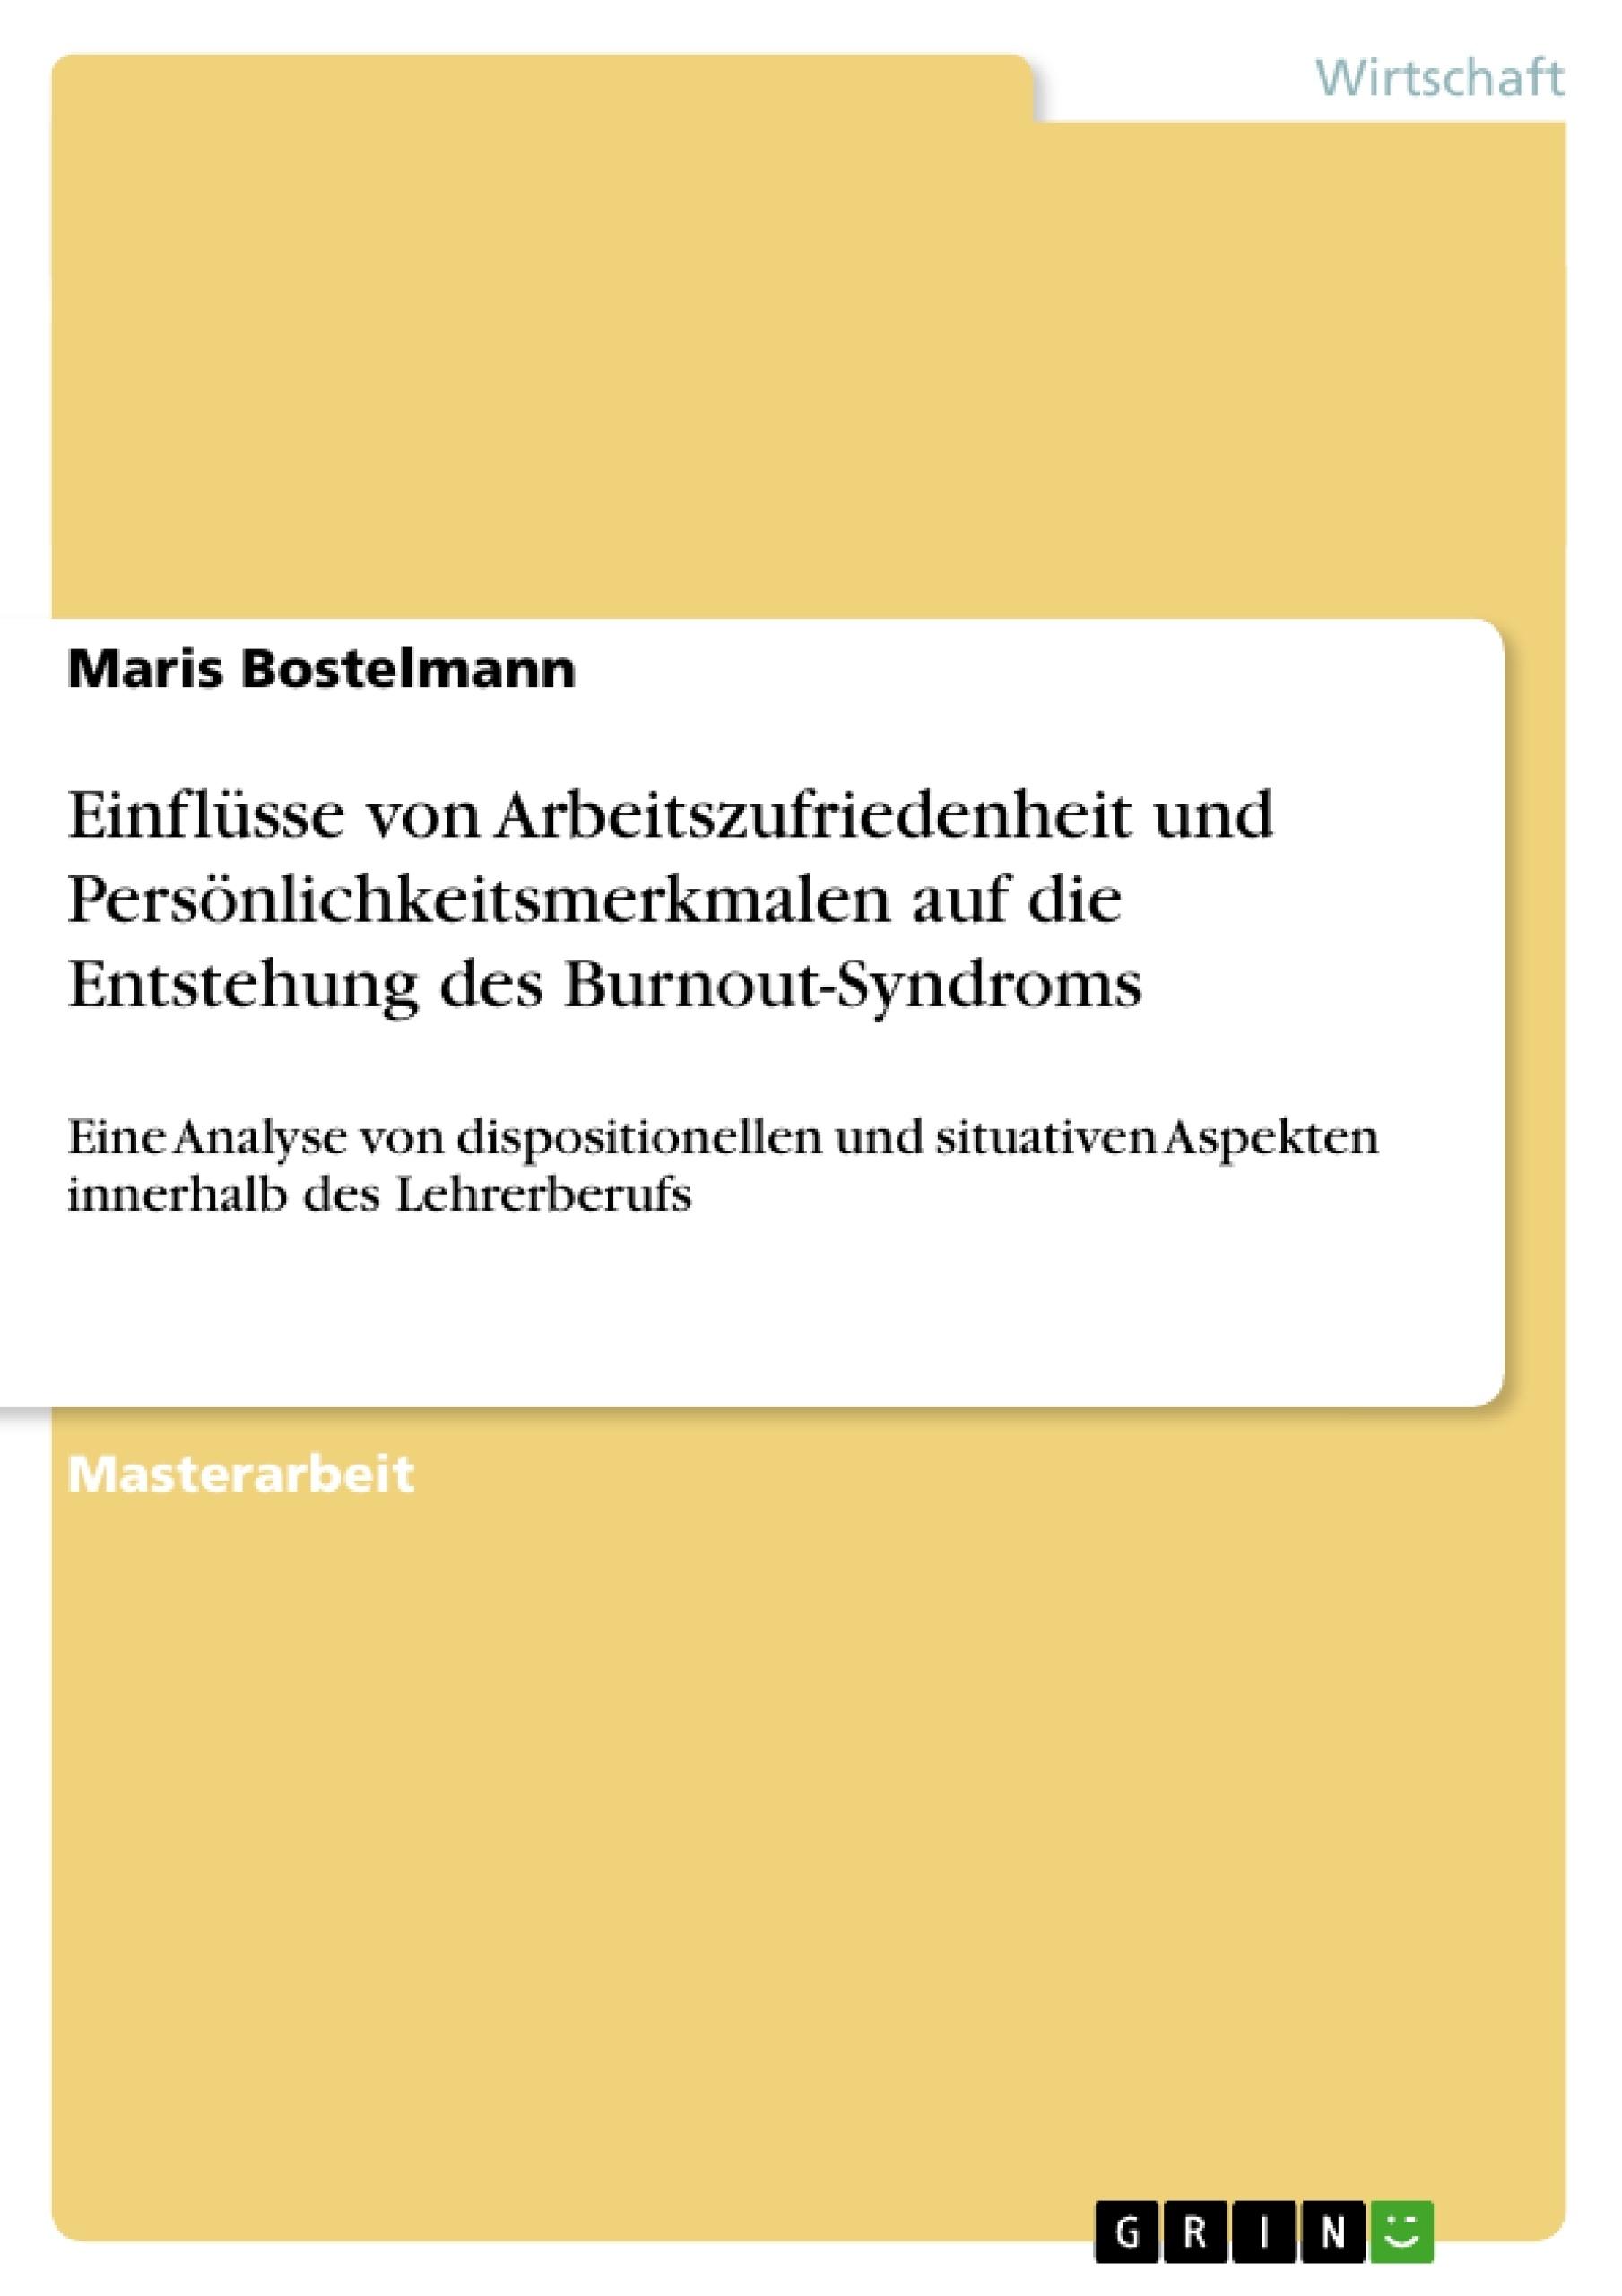 Titel: Einflüsse von Arbeitszufriedenheit und Persönlichkeitsmerkmalen auf die Entstehung des Burnout-Syndroms